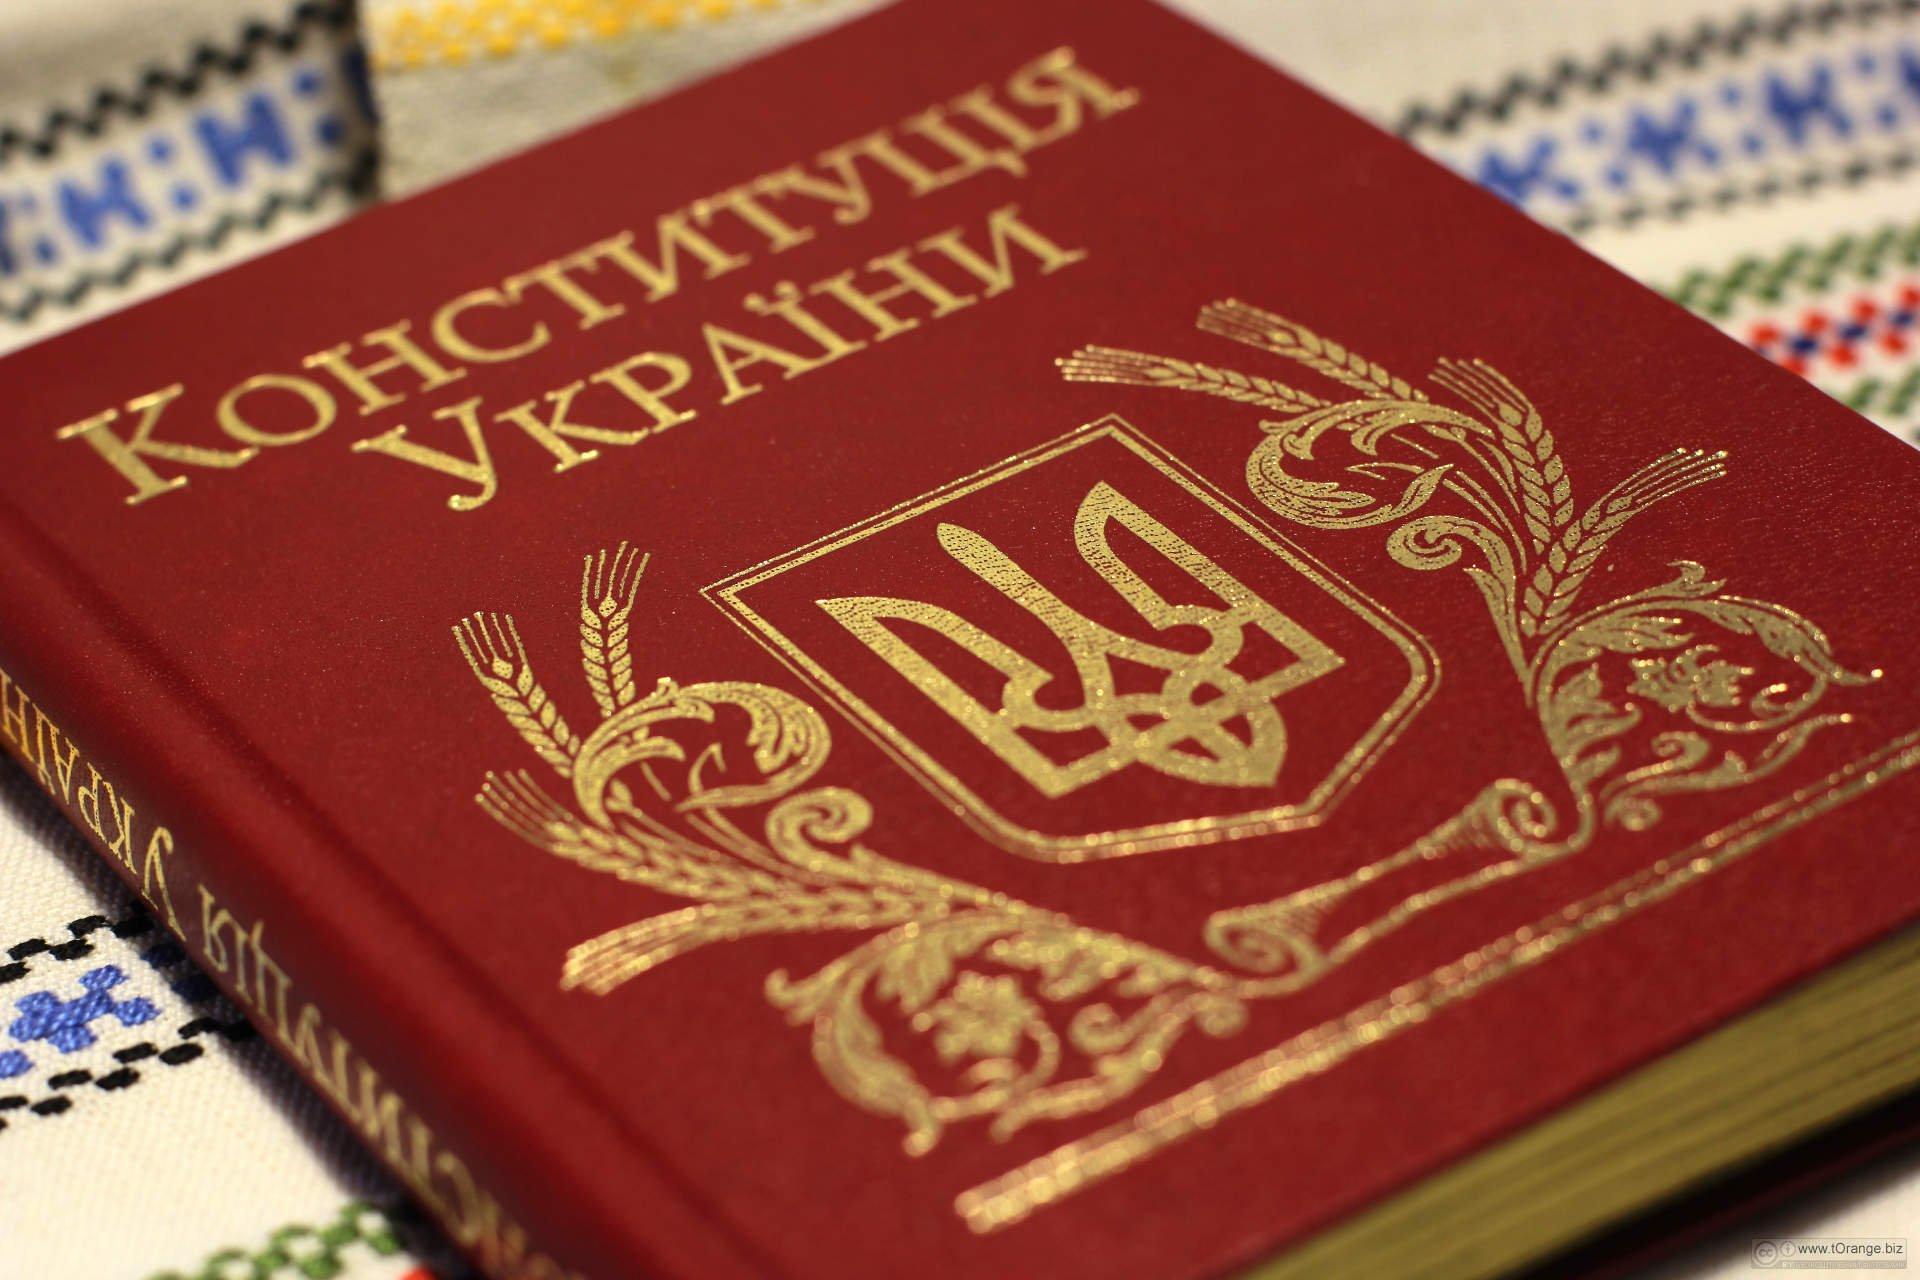 Админреформа. Представители местных органов власти просят создать на Харьковщине 7 районов вместо 27